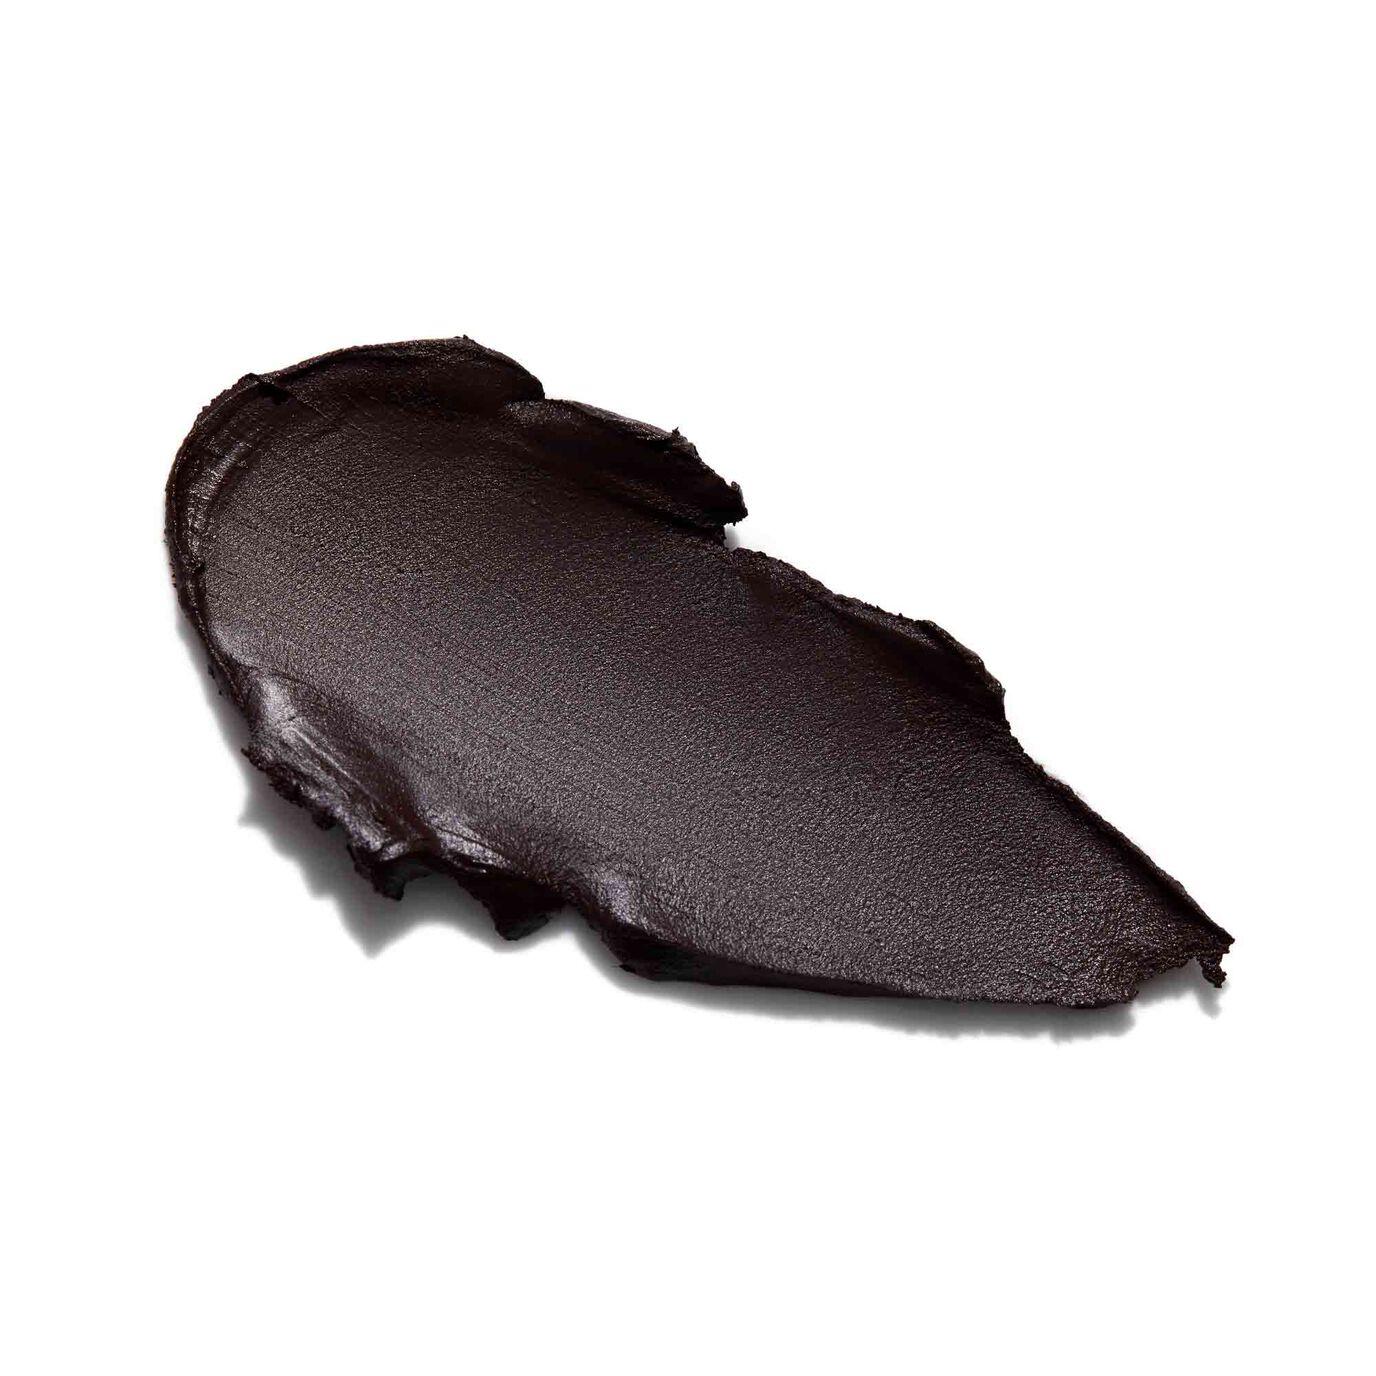 Cream Bronzer - Cool Brown